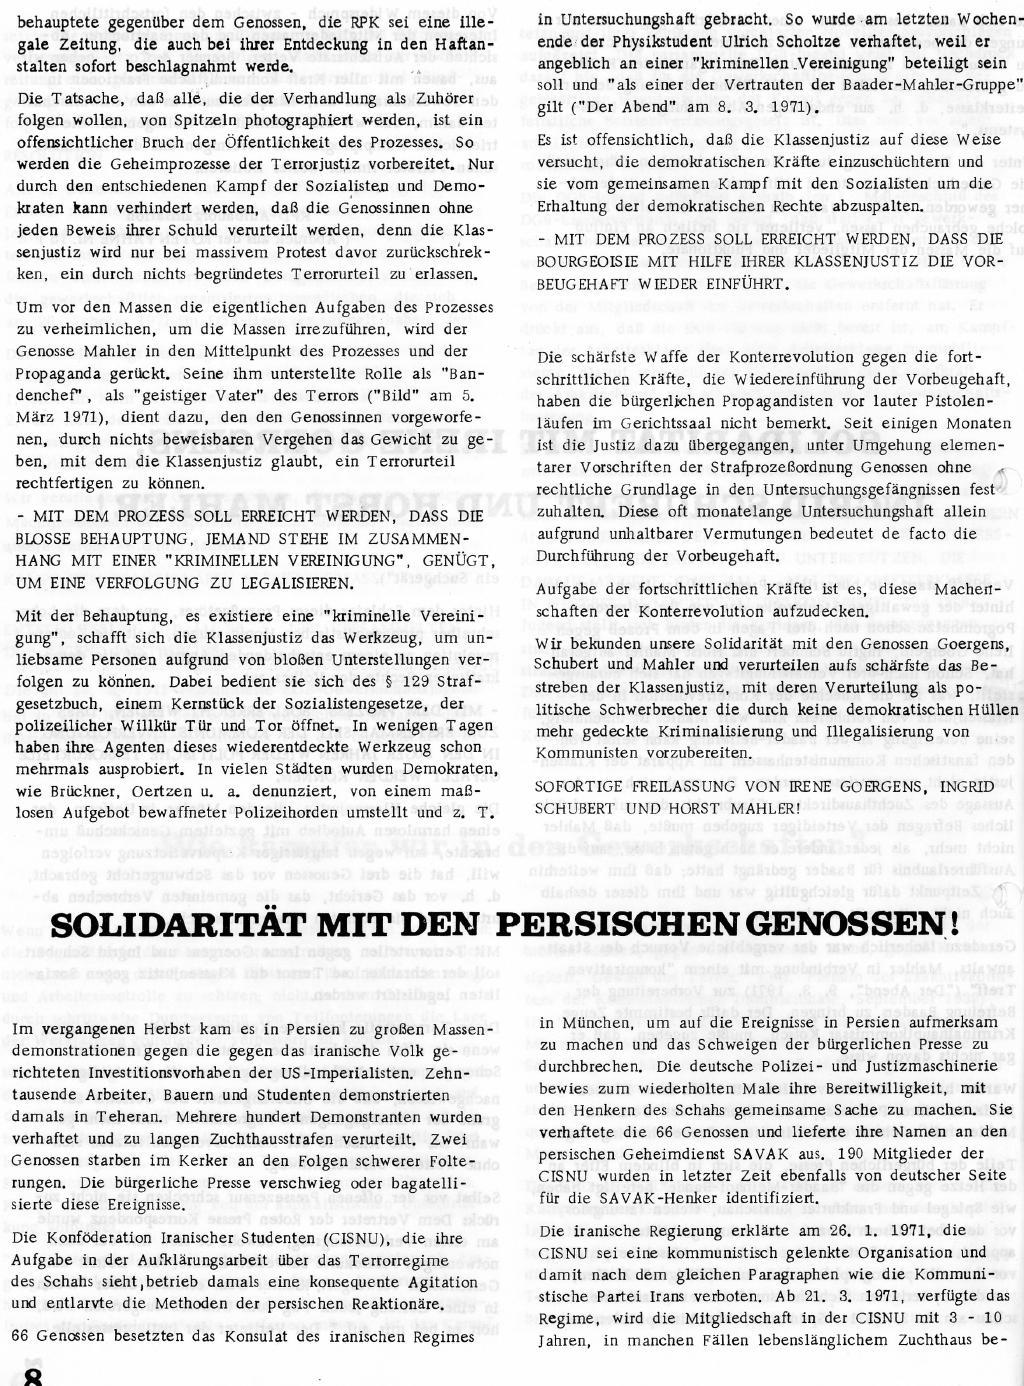 RPK_1971_106_08